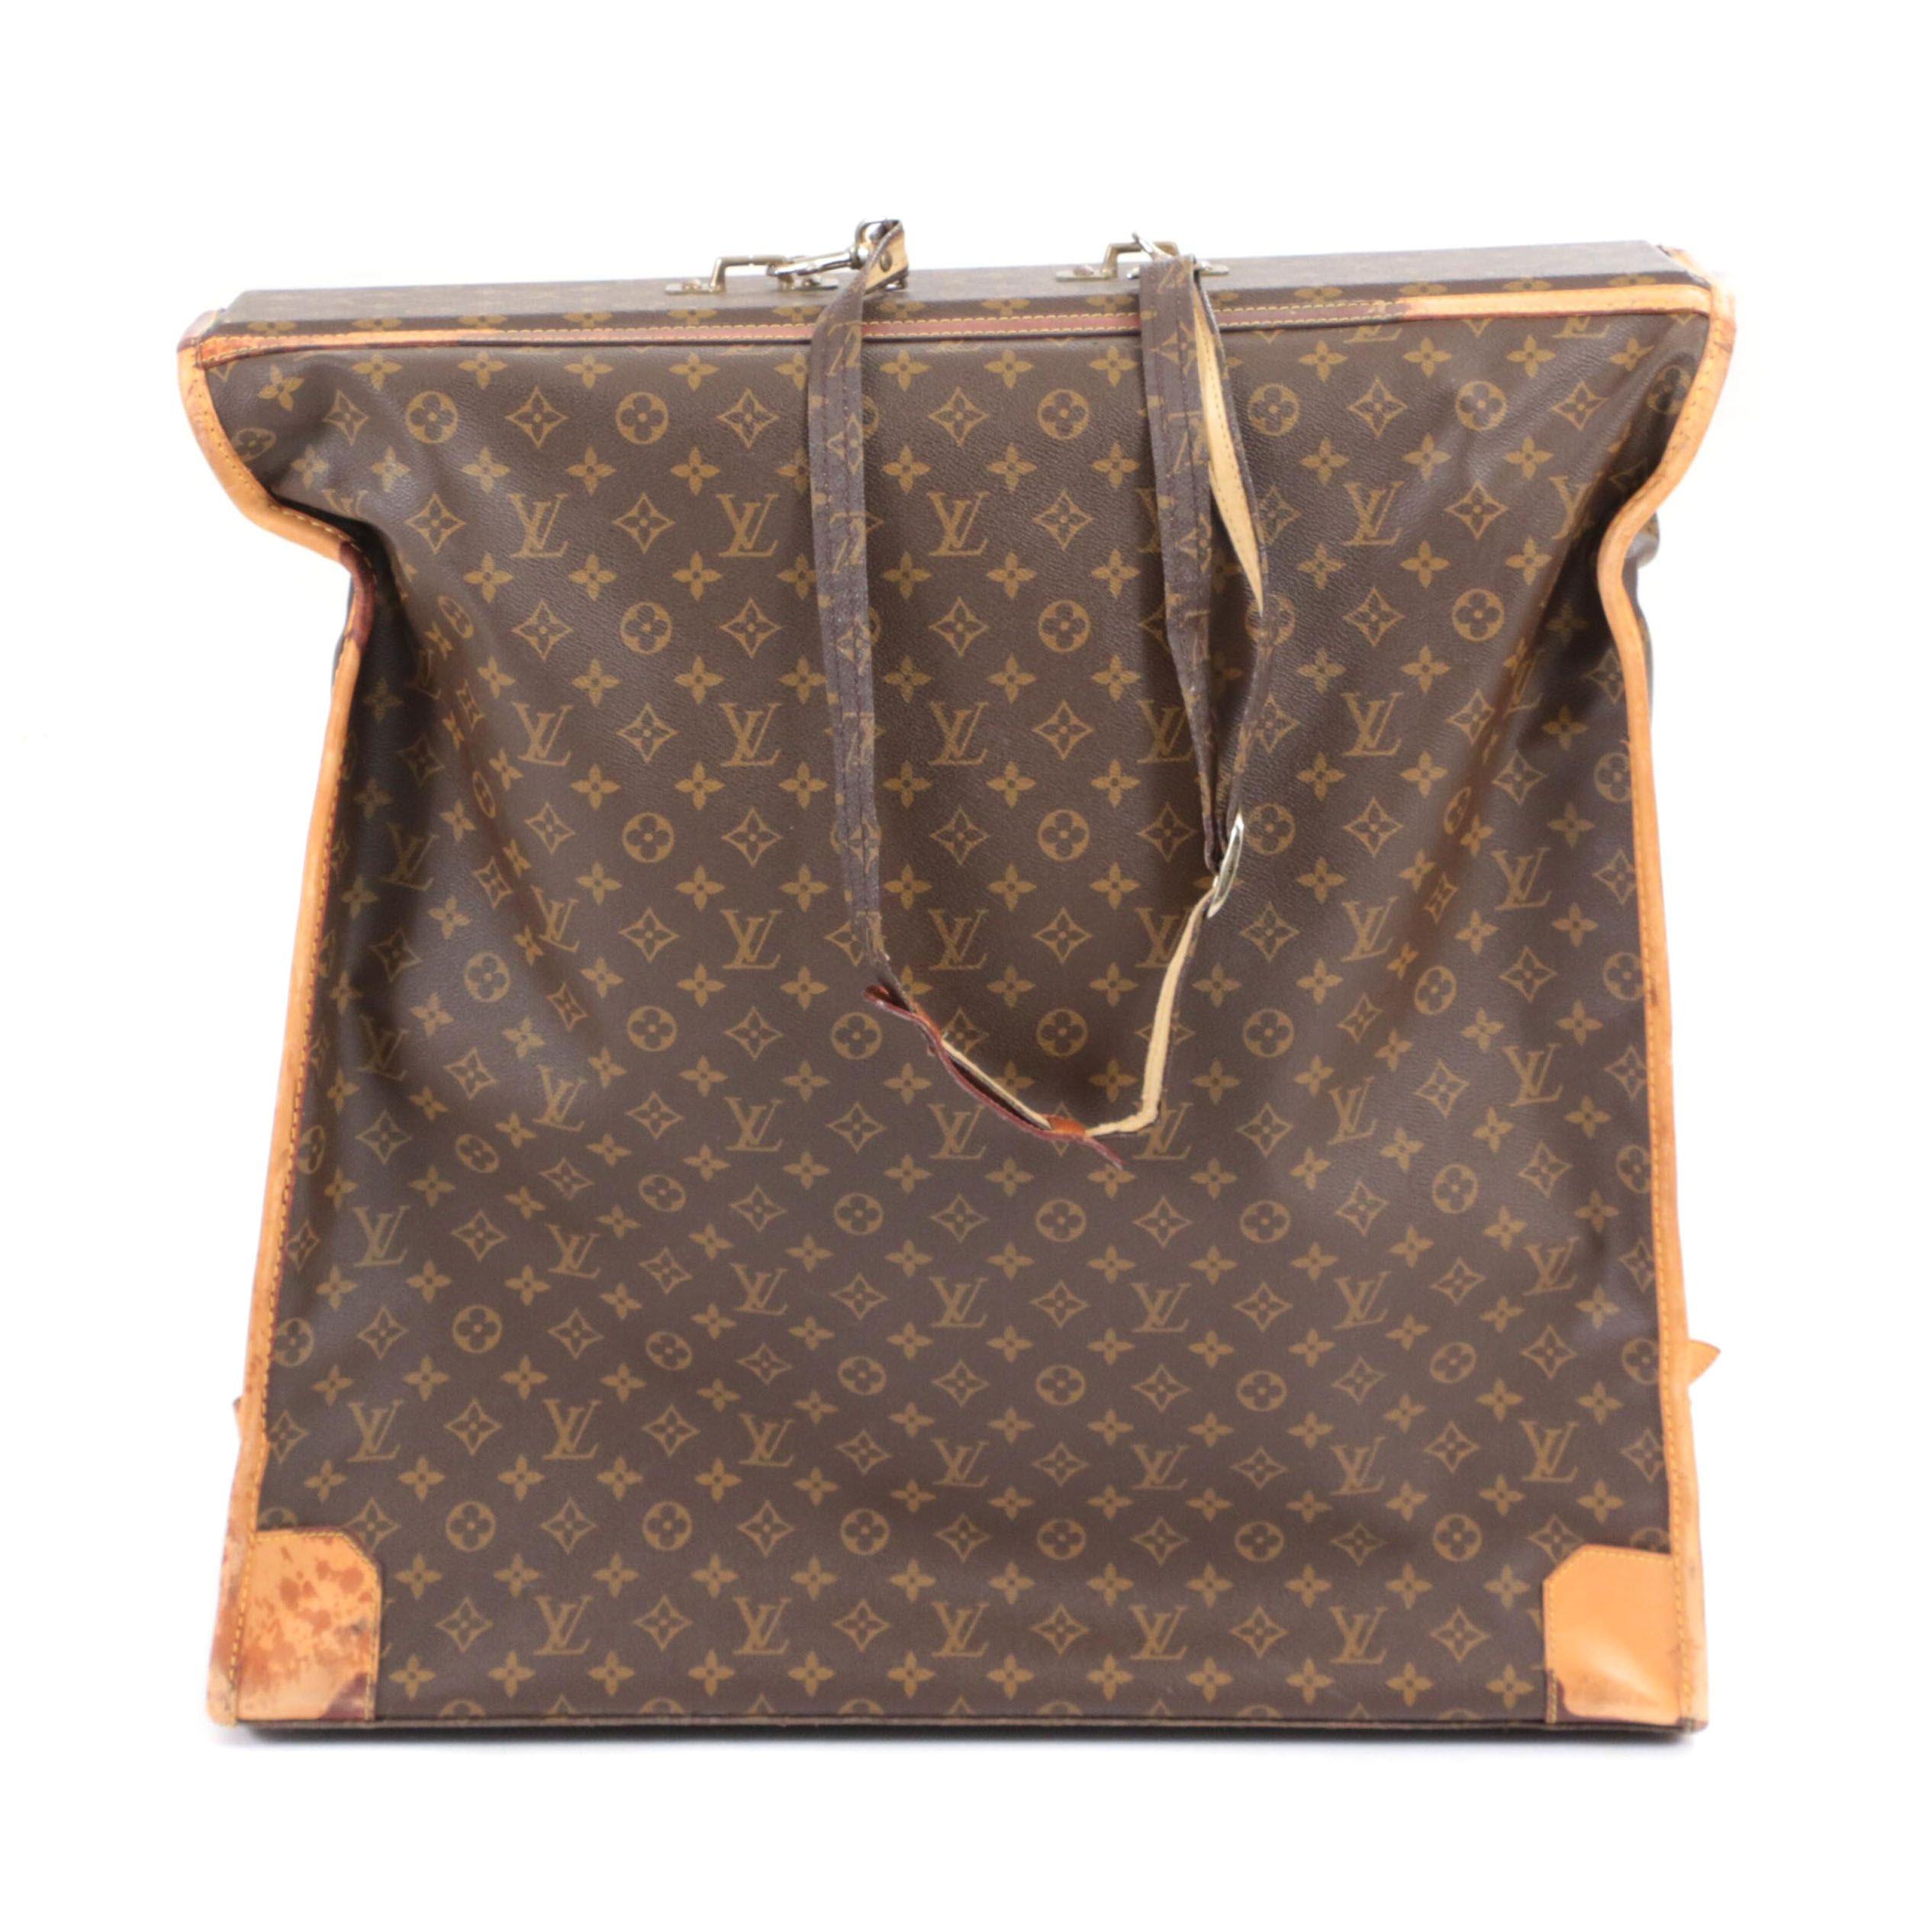 Louis Vuitton Malletier Monogram Canvas Garment Bag, 1970s Vintage